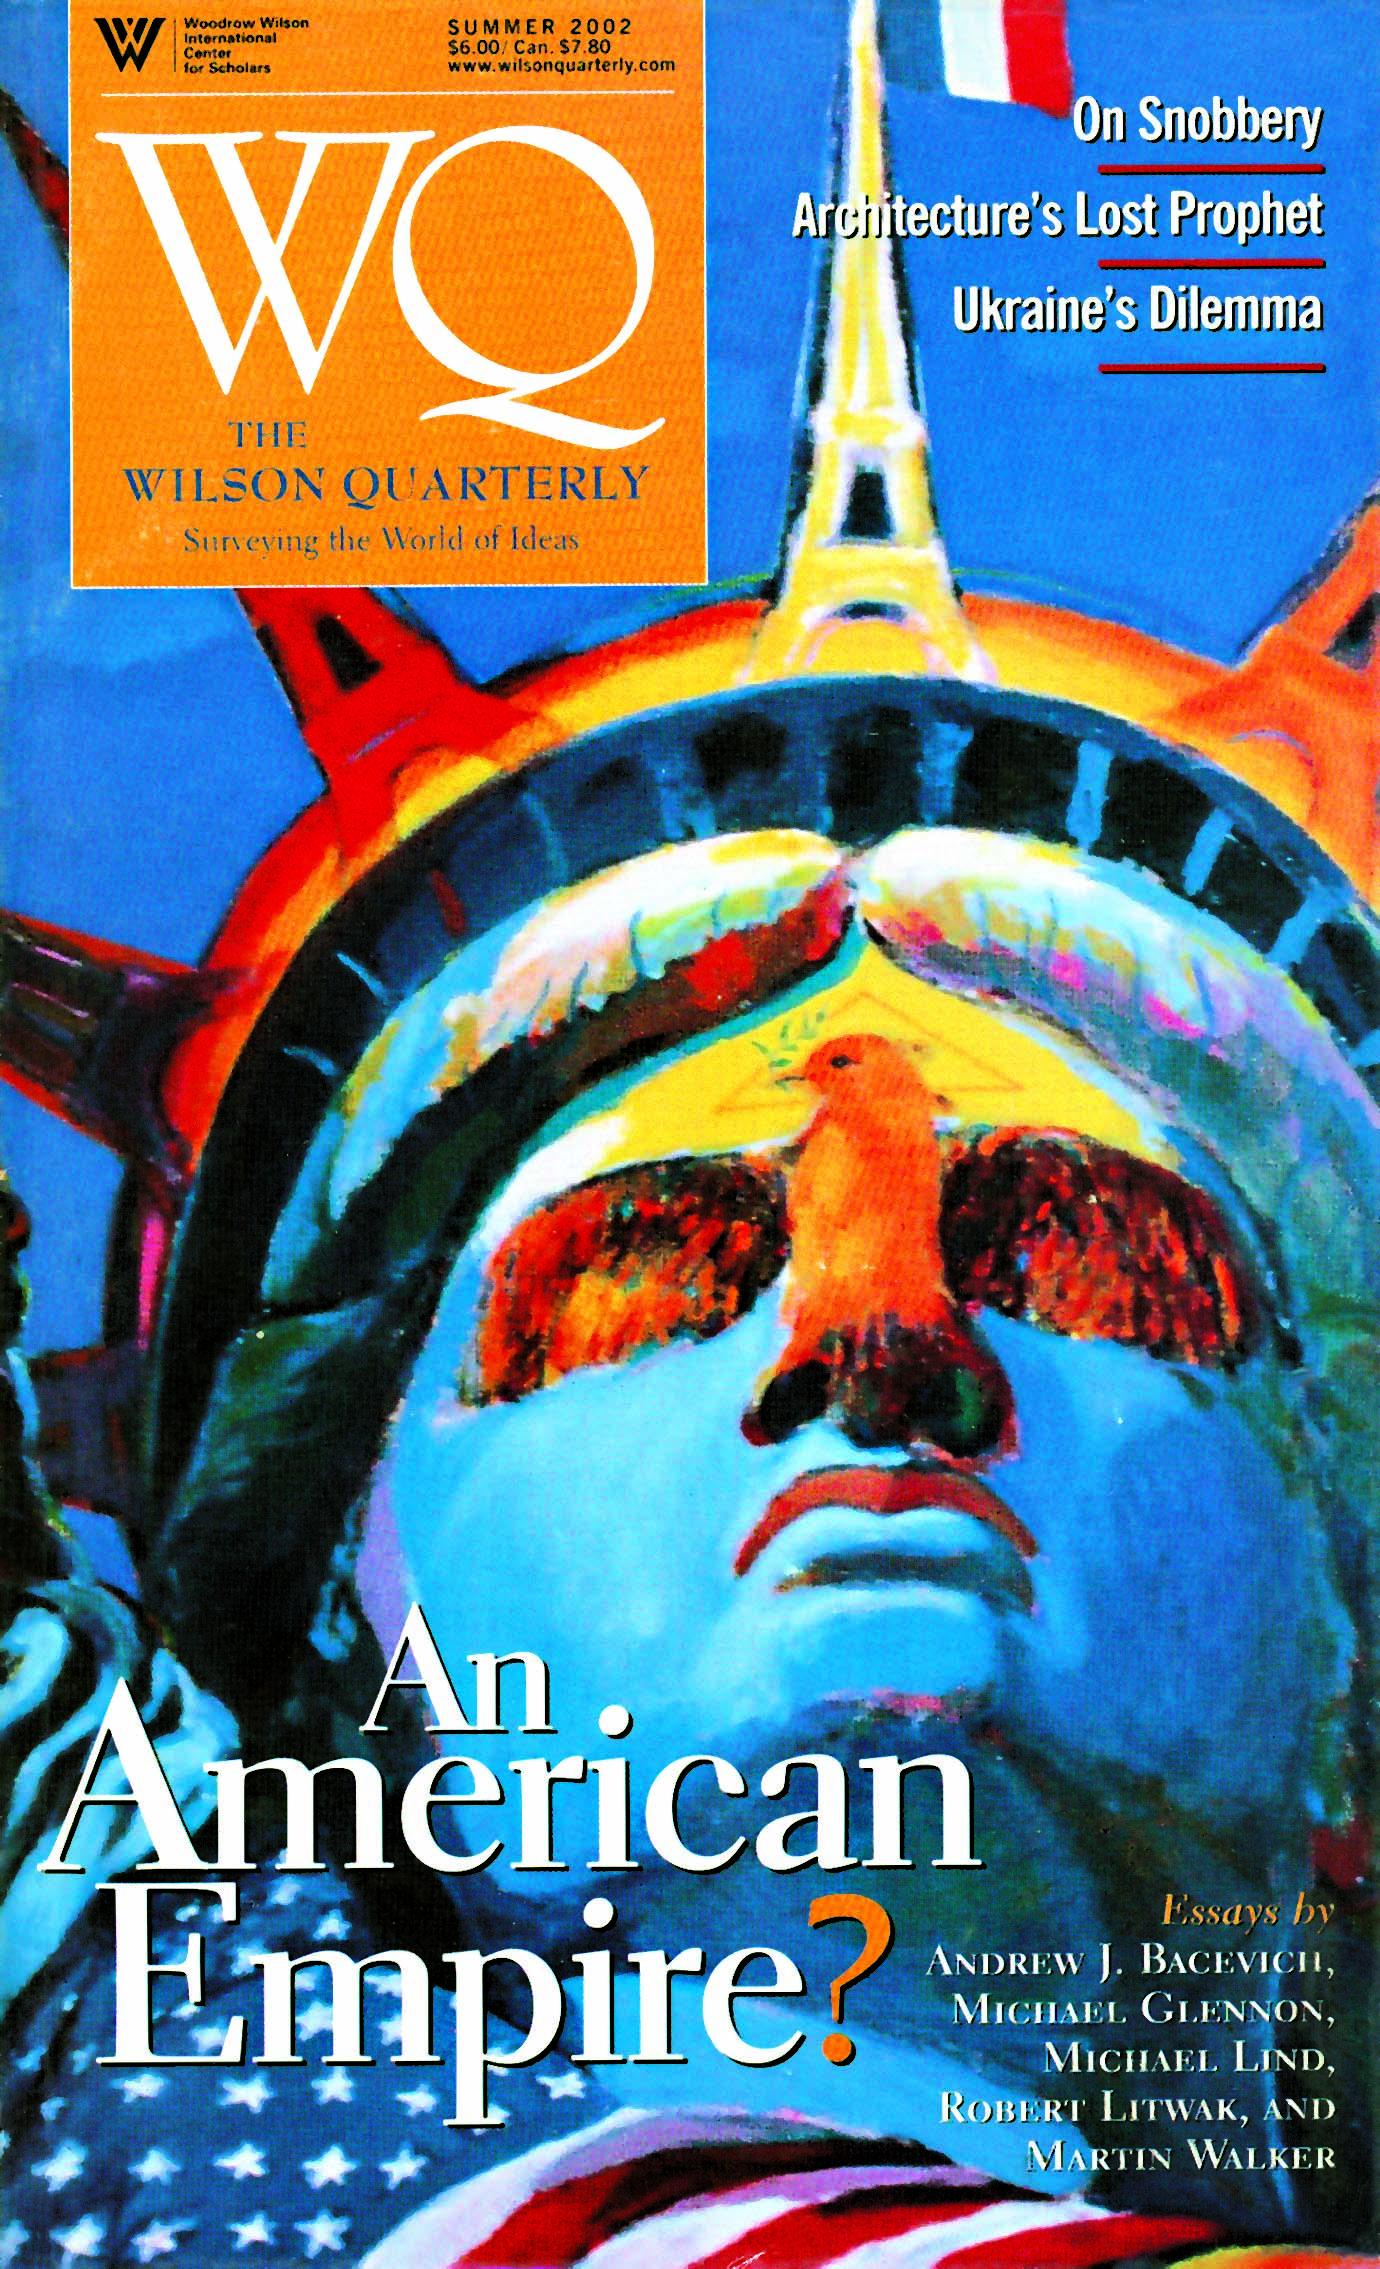 在這裡,陳博士的「自由的精神」一作被 美國威爾森季刊(Wilson Quarterly)用作 封面。那是在觀念理論方面相當具權威的 有名刊物。